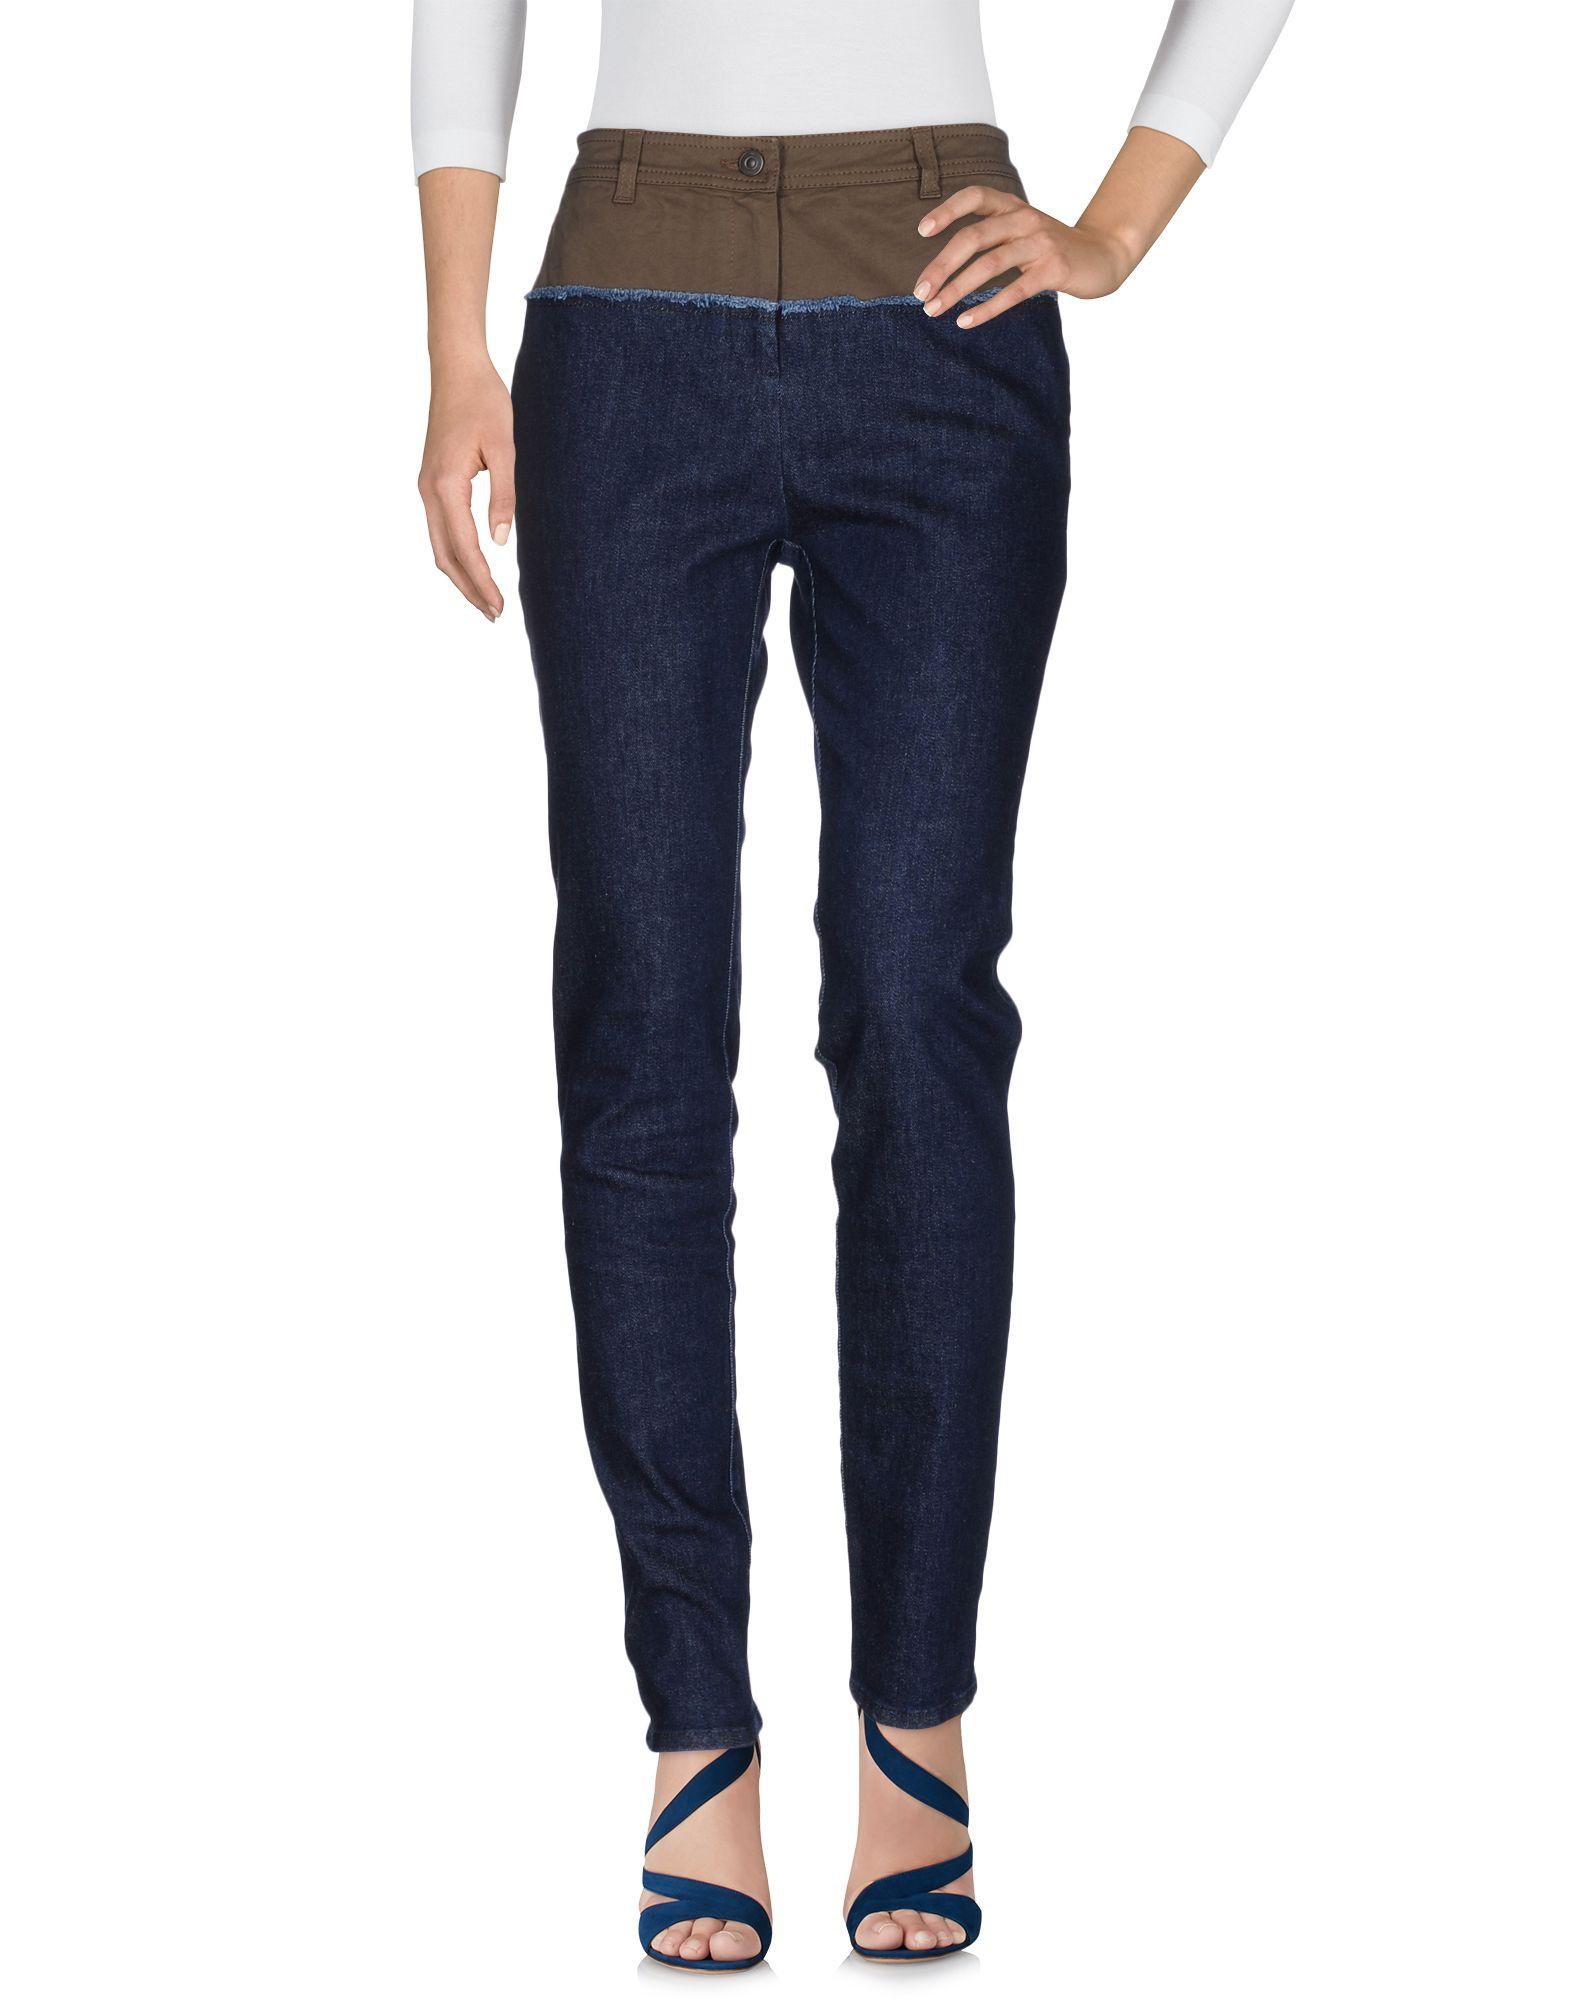 ФОТО n° 21 джинсовые брюки